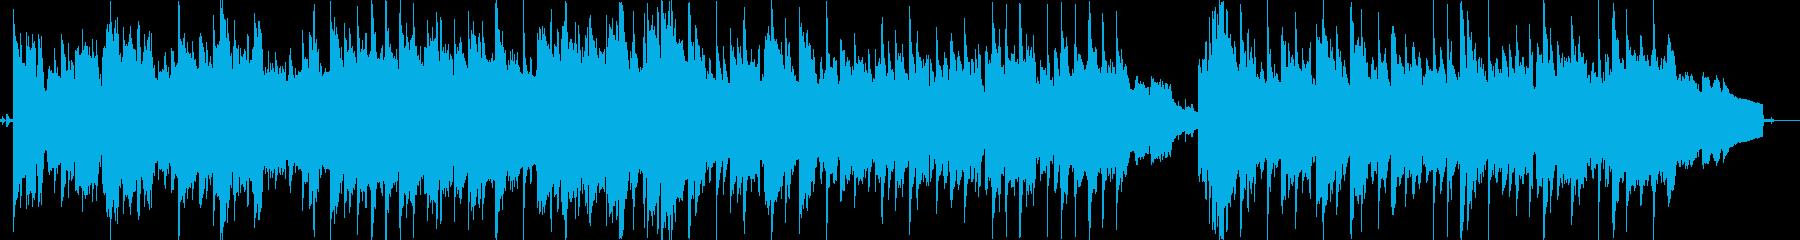 温泉旅館のイメージ。ほのぼの系の再生済みの波形